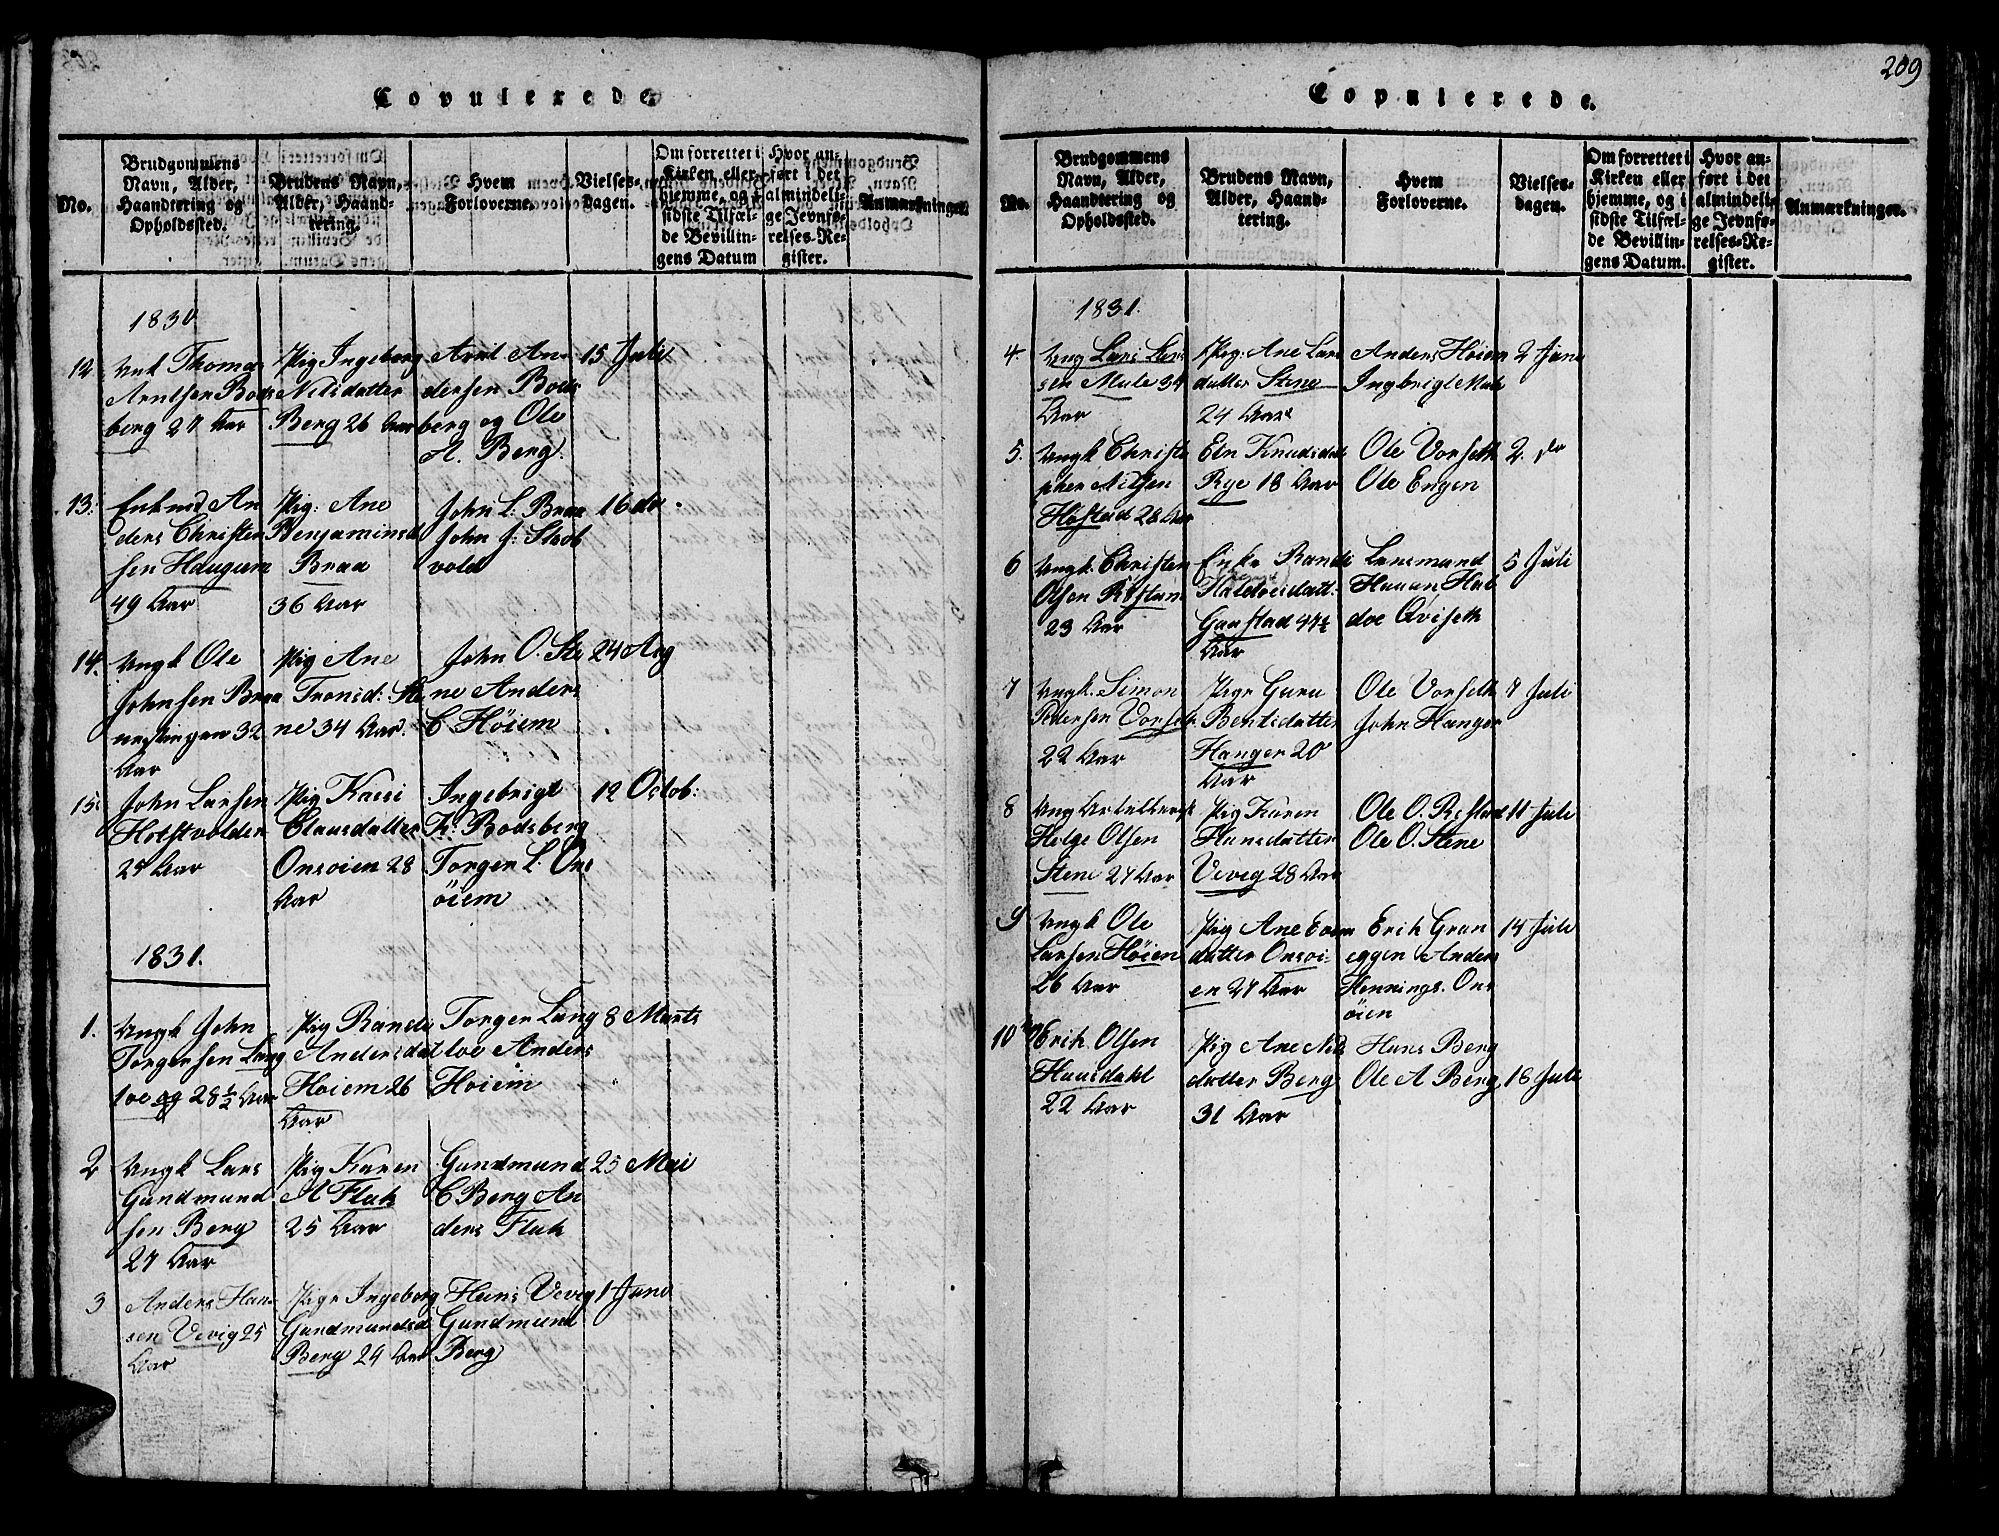 SAT, Ministerialprotokoller, klokkerbøker og fødselsregistre - Sør-Trøndelag, 612/L0385: Klokkerbok nr. 612C01, 1816-1845, s. 209